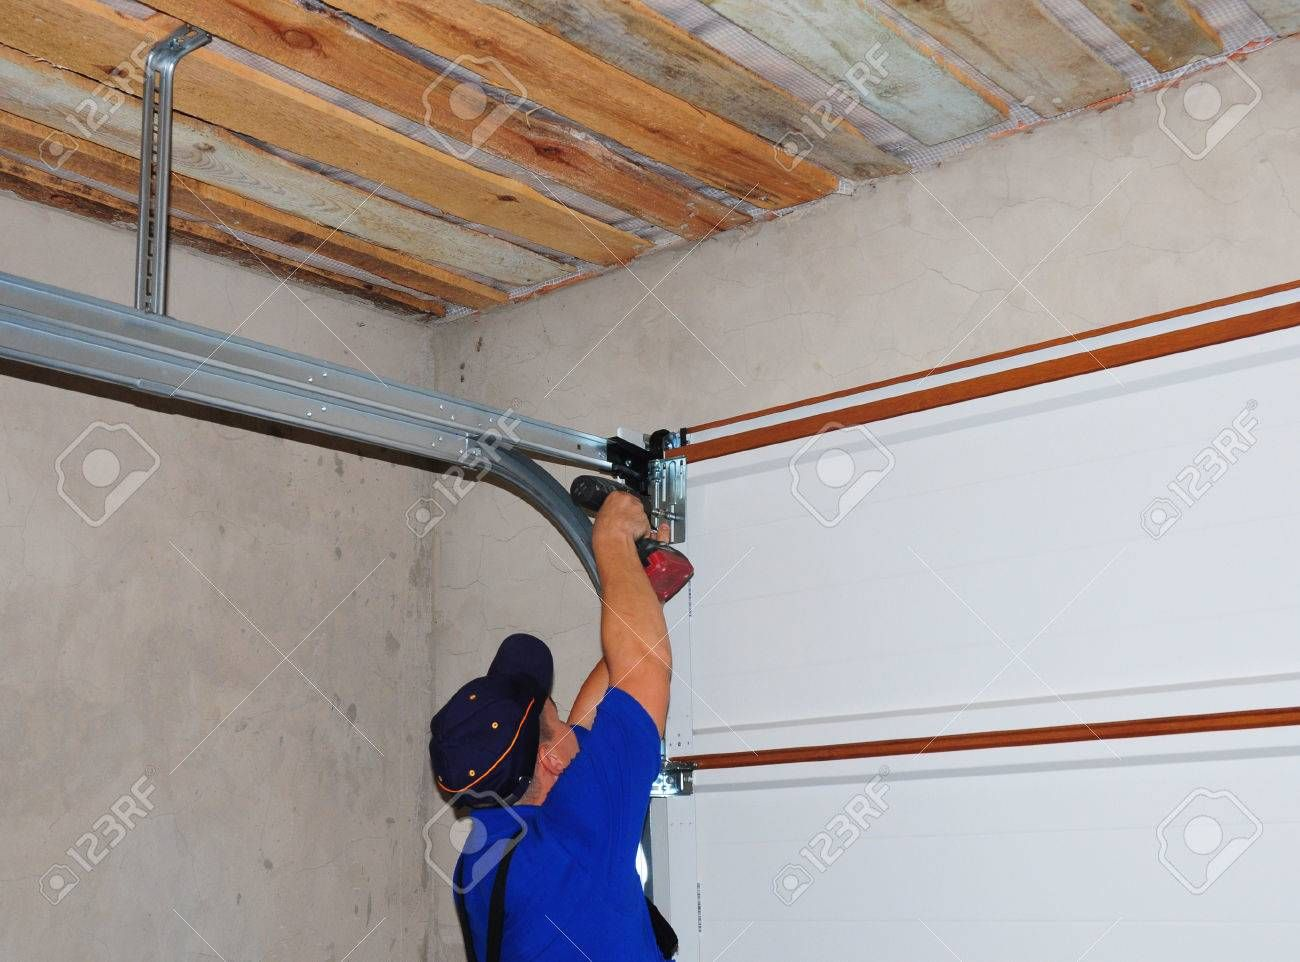 Contractor Installing Garage Door Post Rail And Spring Installation And Garage Ceiling Spring Tensio Door Repair Garage Door Spring Repair Garage Door Springs